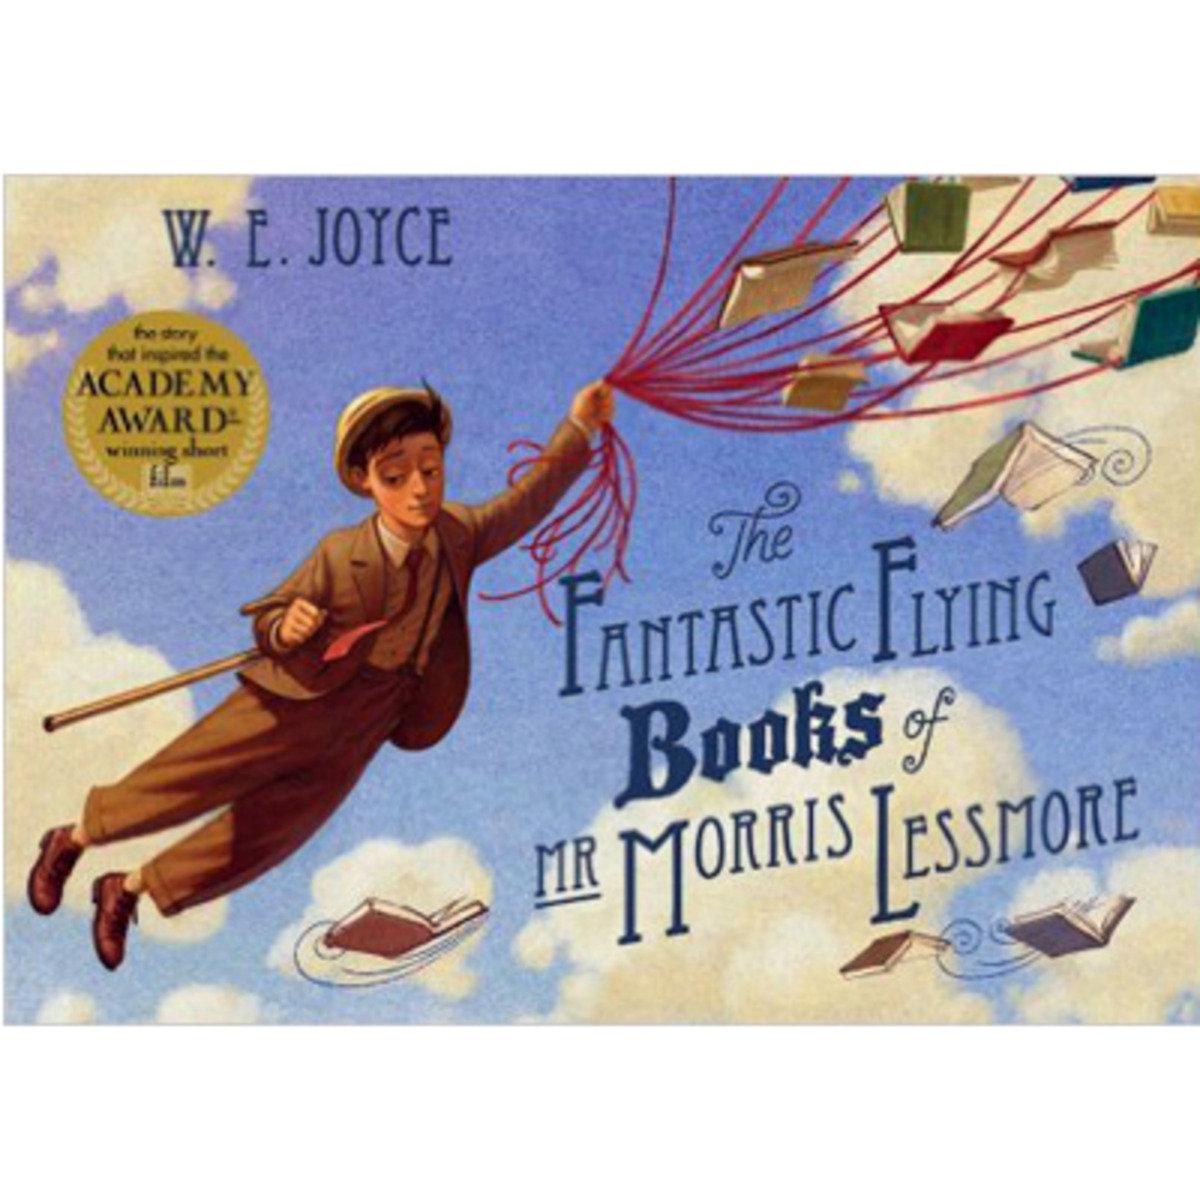 THE FANTASTIC FLYING BOOKS OF MR MORRIS LESSMORE 9780857079442